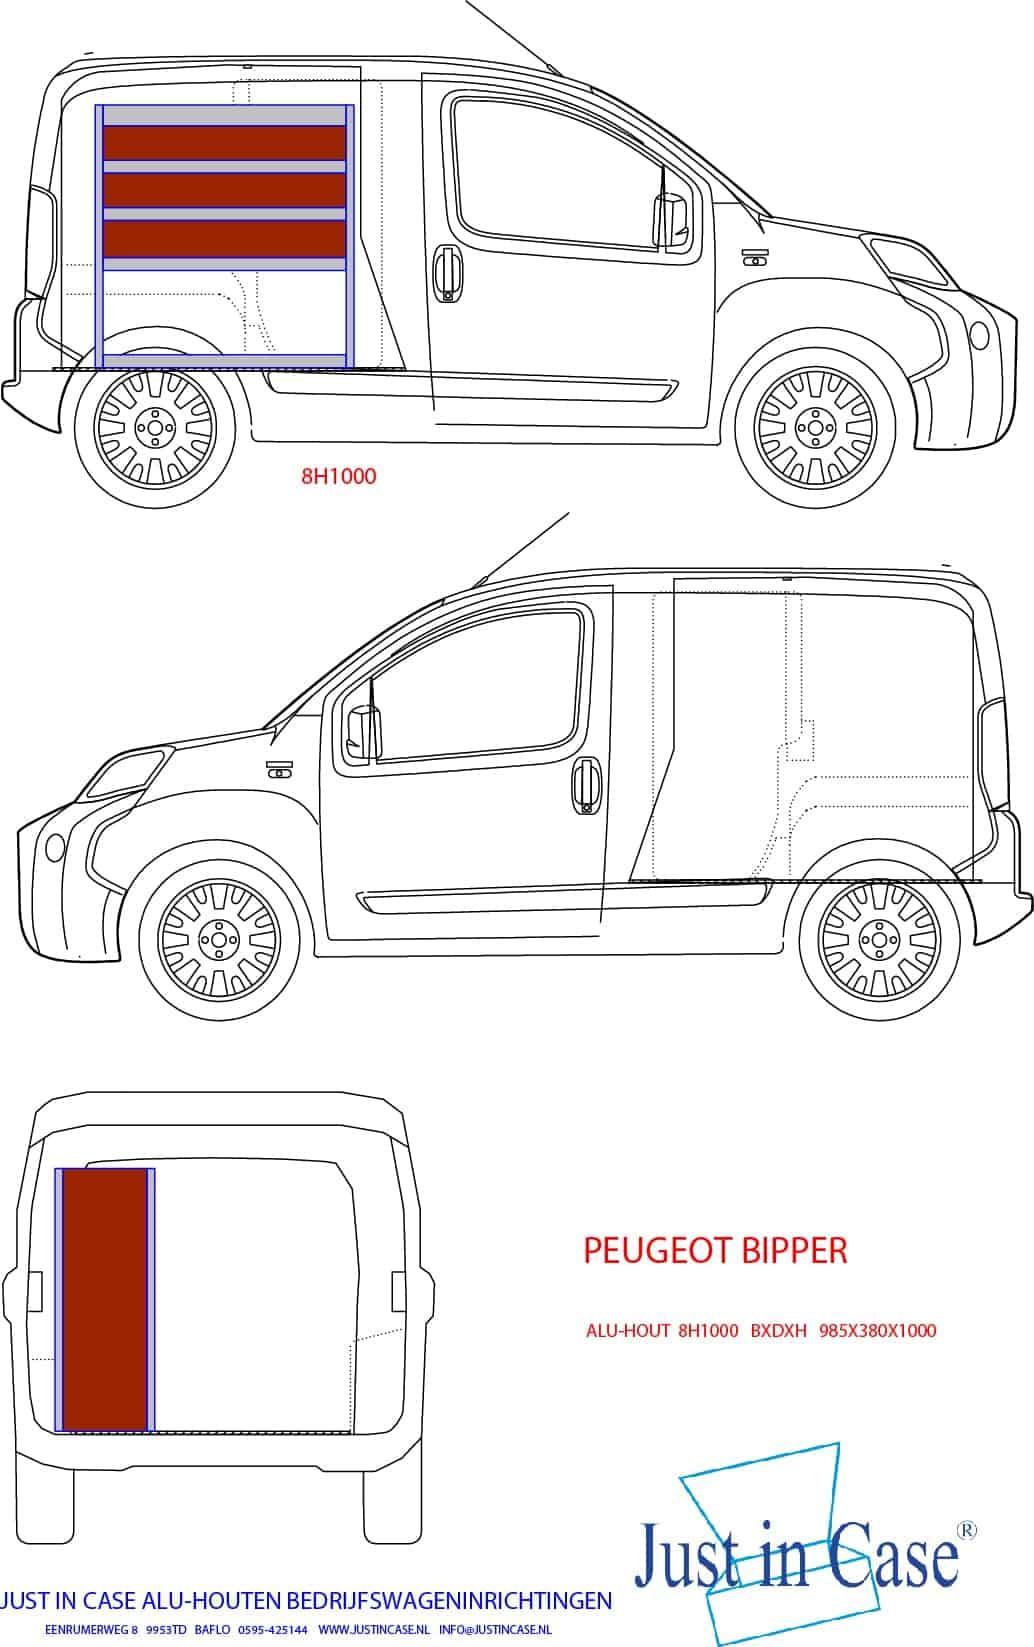 Peugeot Bipper bedrijfswageninrichting schets